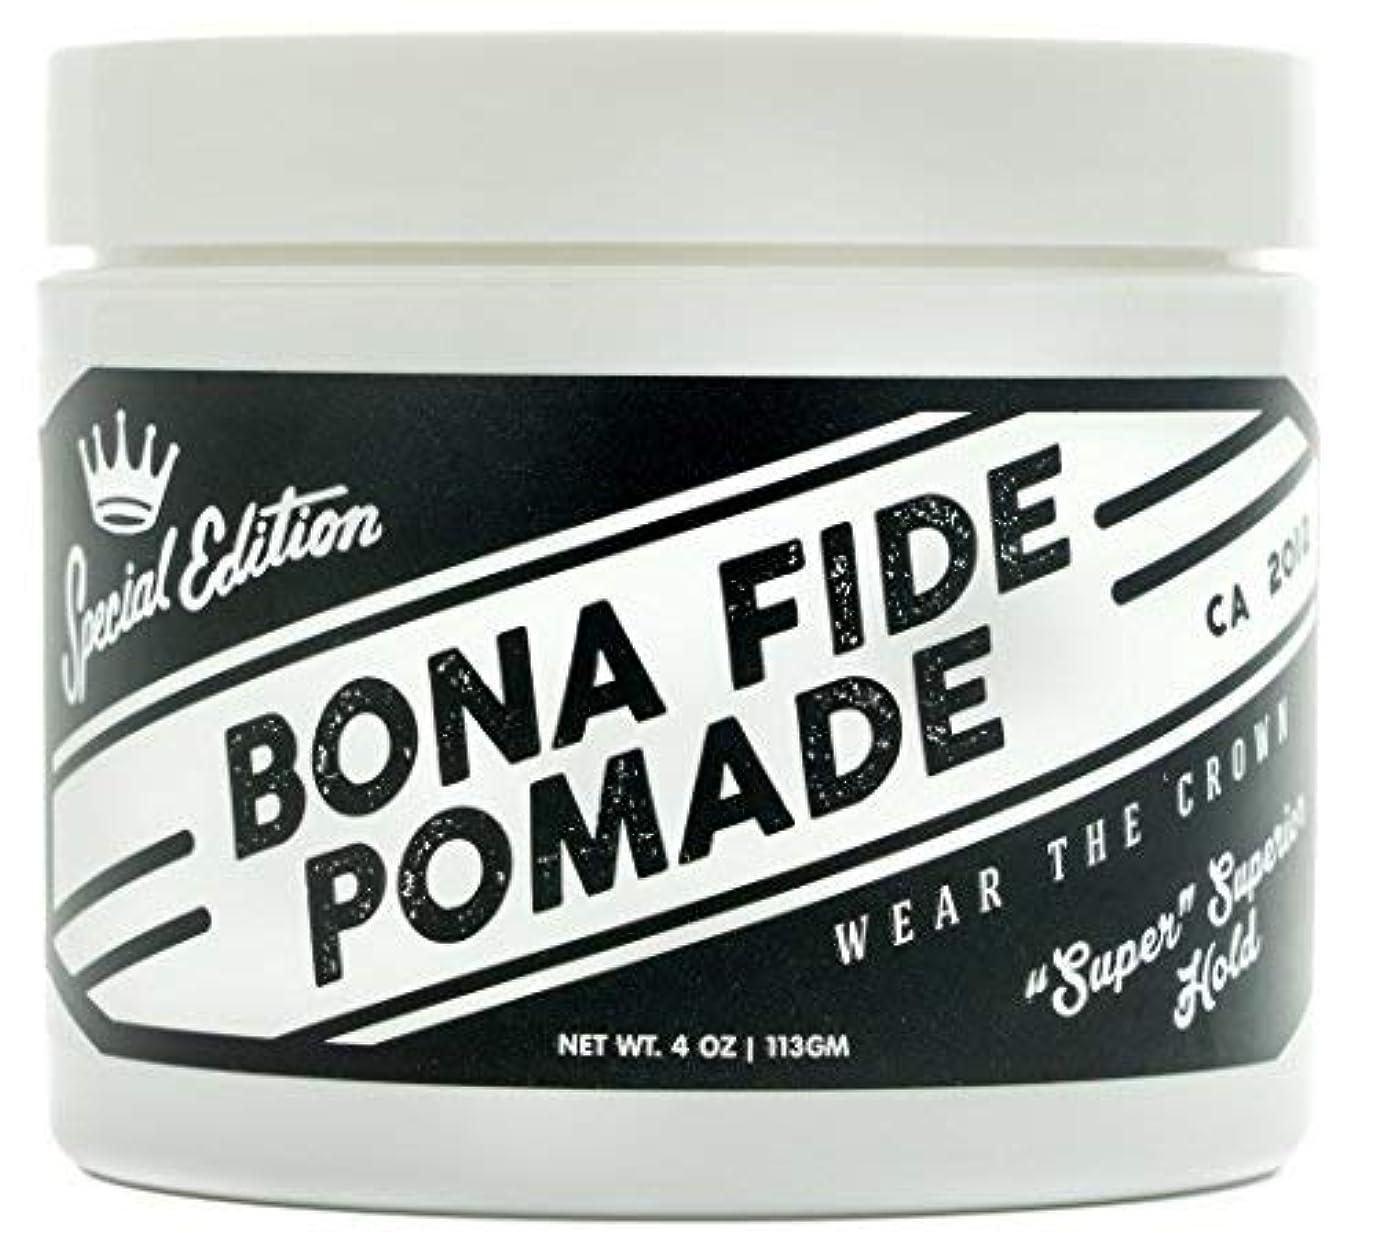 選挙裏切り者予想するBona Fide Pomade, スーパースーペリアホールドSE, 4OZ (113g)、水性ポマード/ヘアー グリース (整髪料)